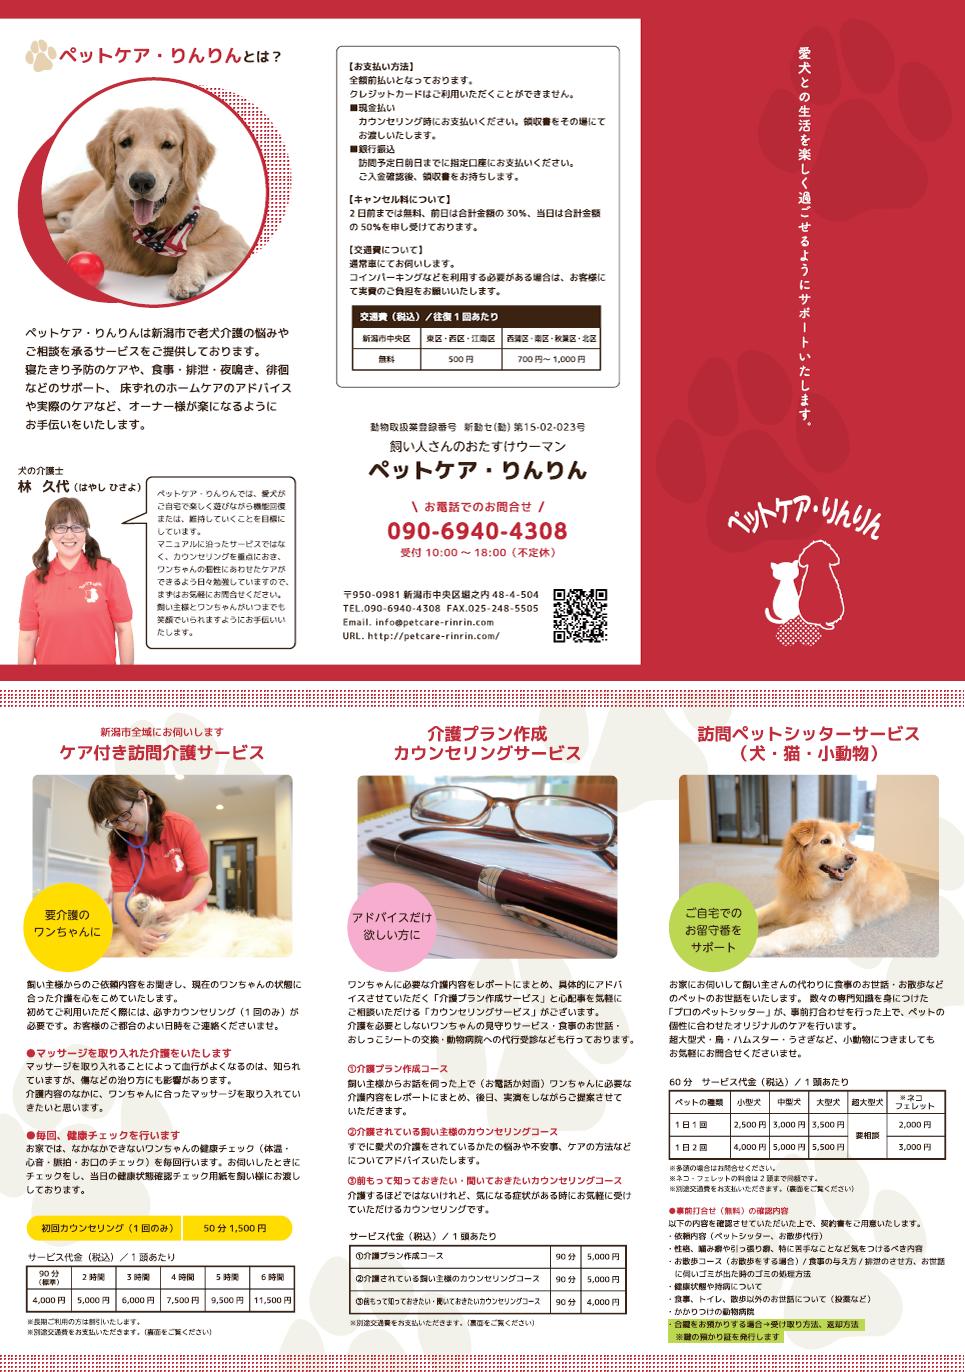 新潟のフリーランスデザイナー リハヤスタイル リーフレット デザイン コーディング リーフレット